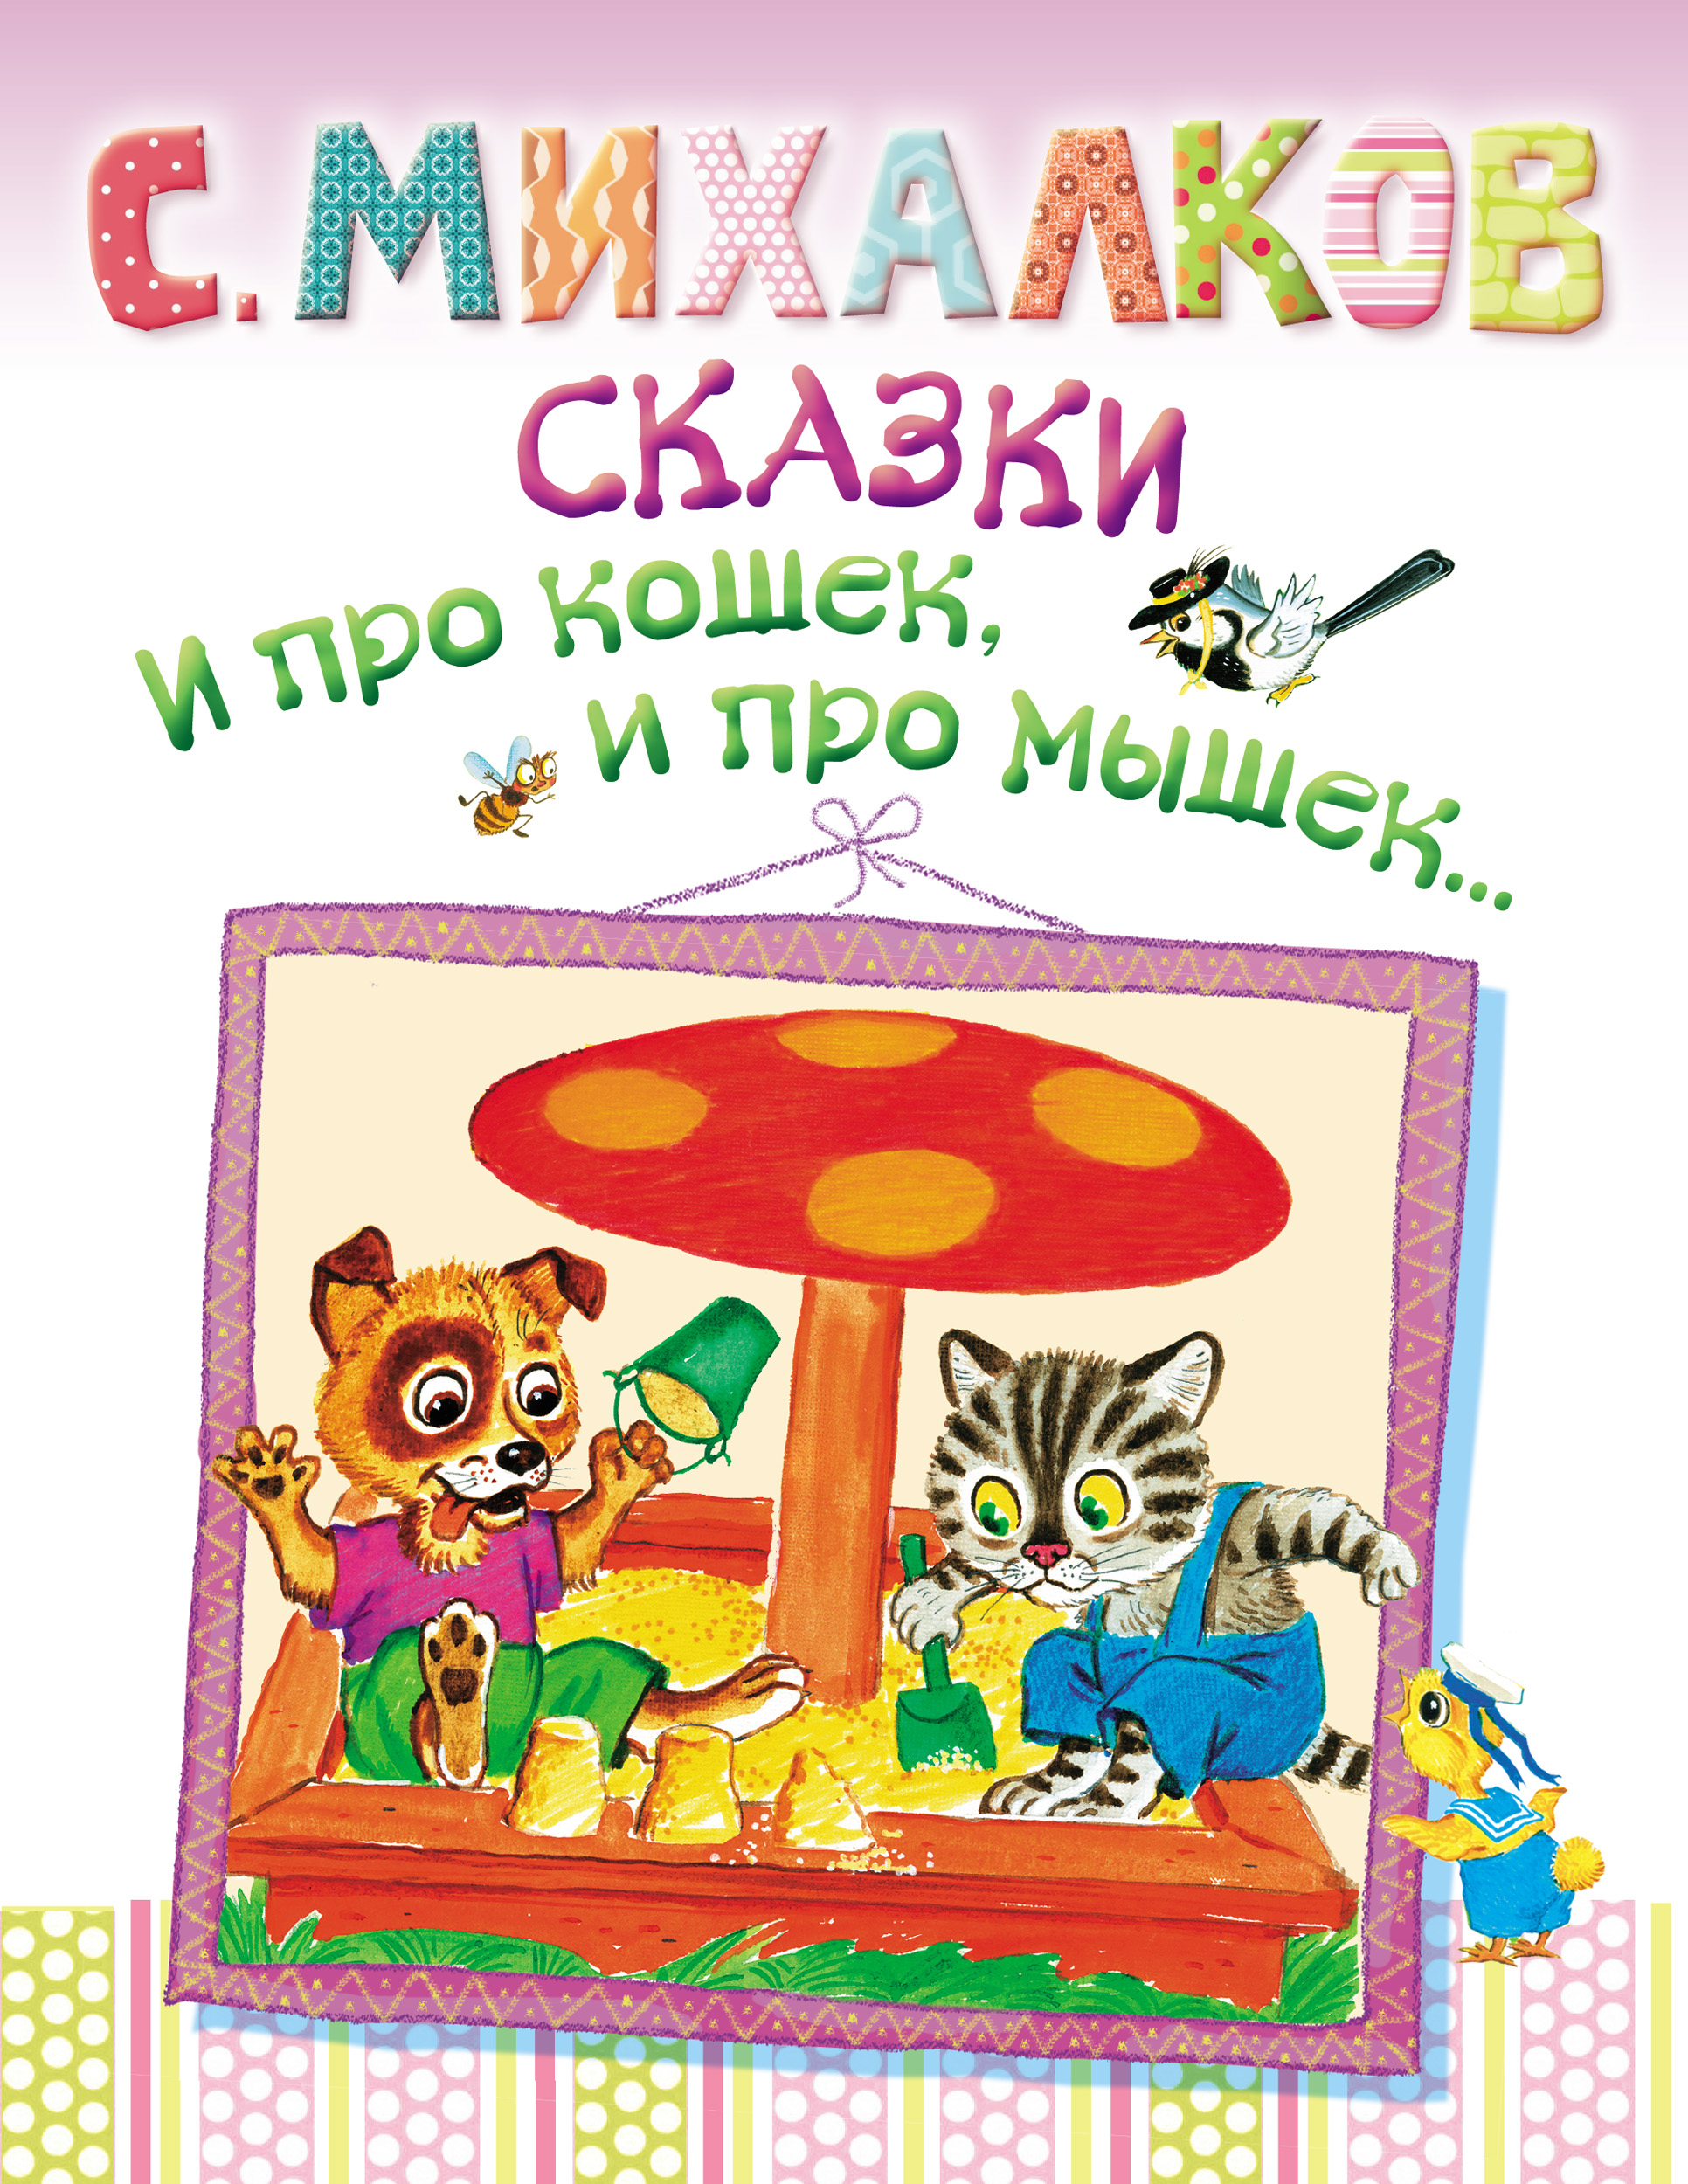 Сергей Михалков Сказки. И про кошек, и про мышек… сергей михалков сказки и про кошек и про мышек…